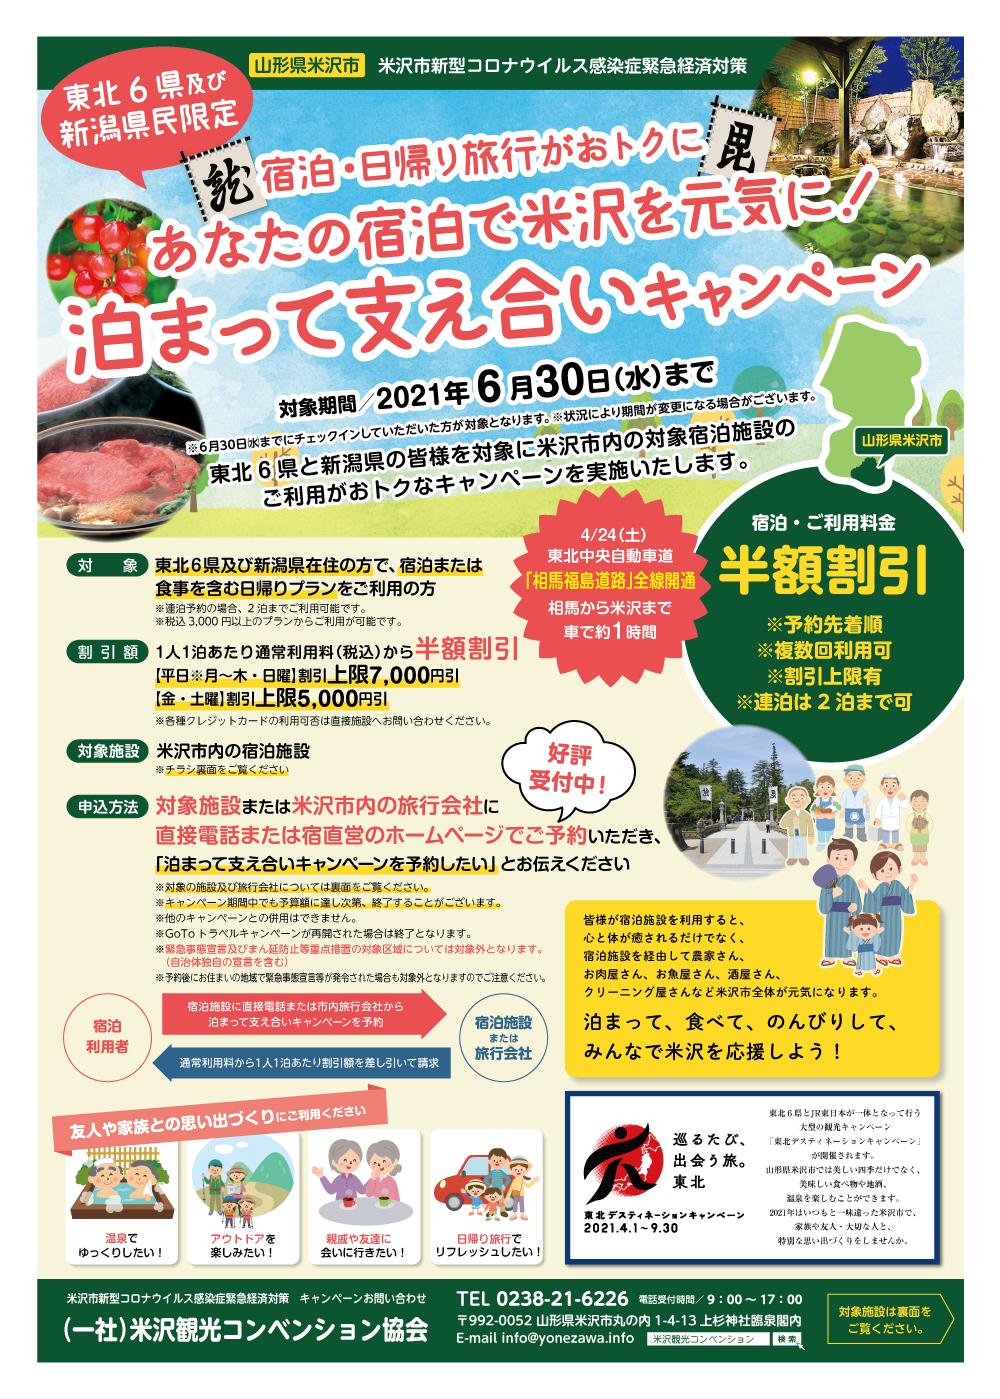 東北6県+新潟県民限定「泊まって支え合いキャンペーン」終了しました。:画像